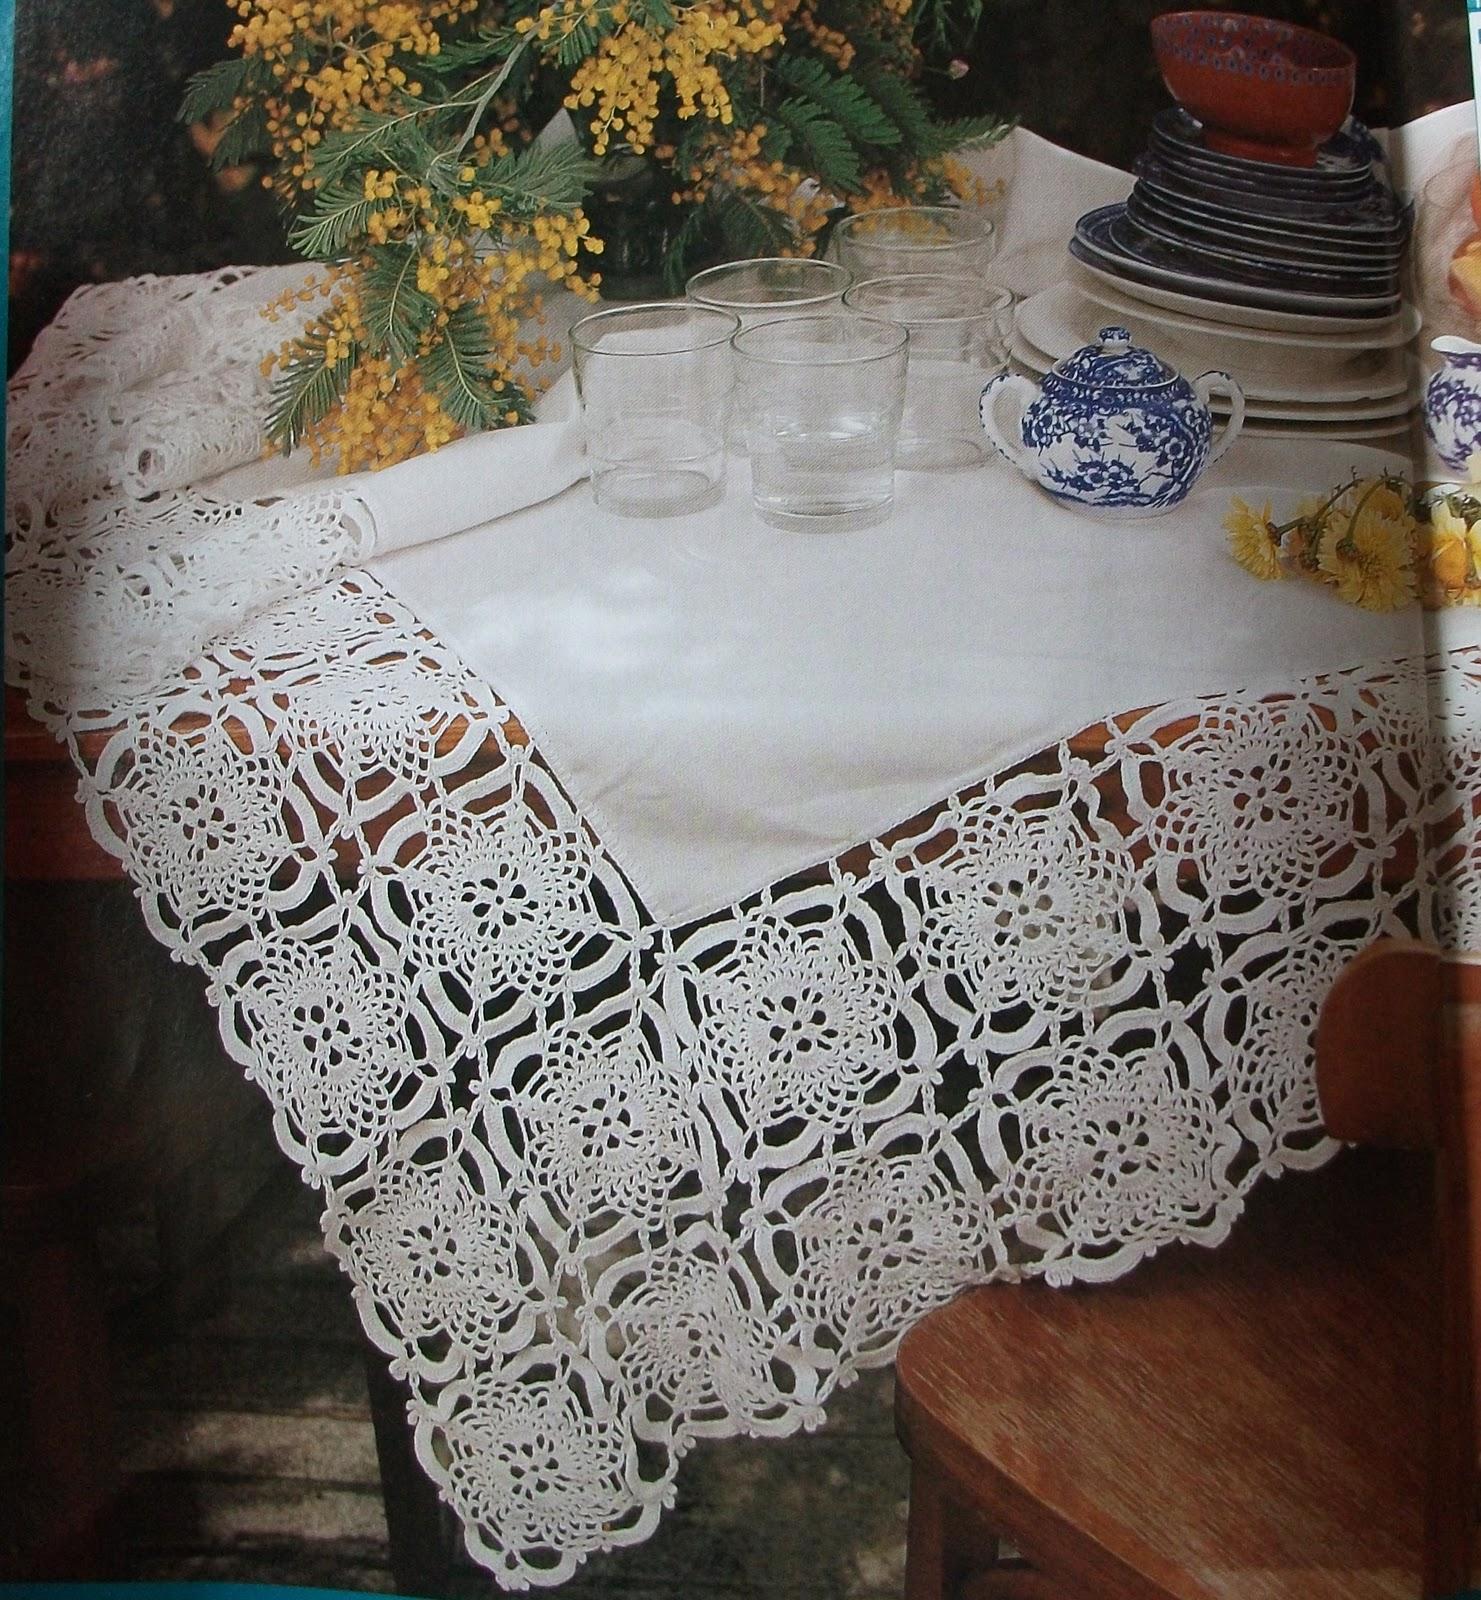 Tejidos la chinita puntilla de flores para mantel de tela - Manteles de tela ...